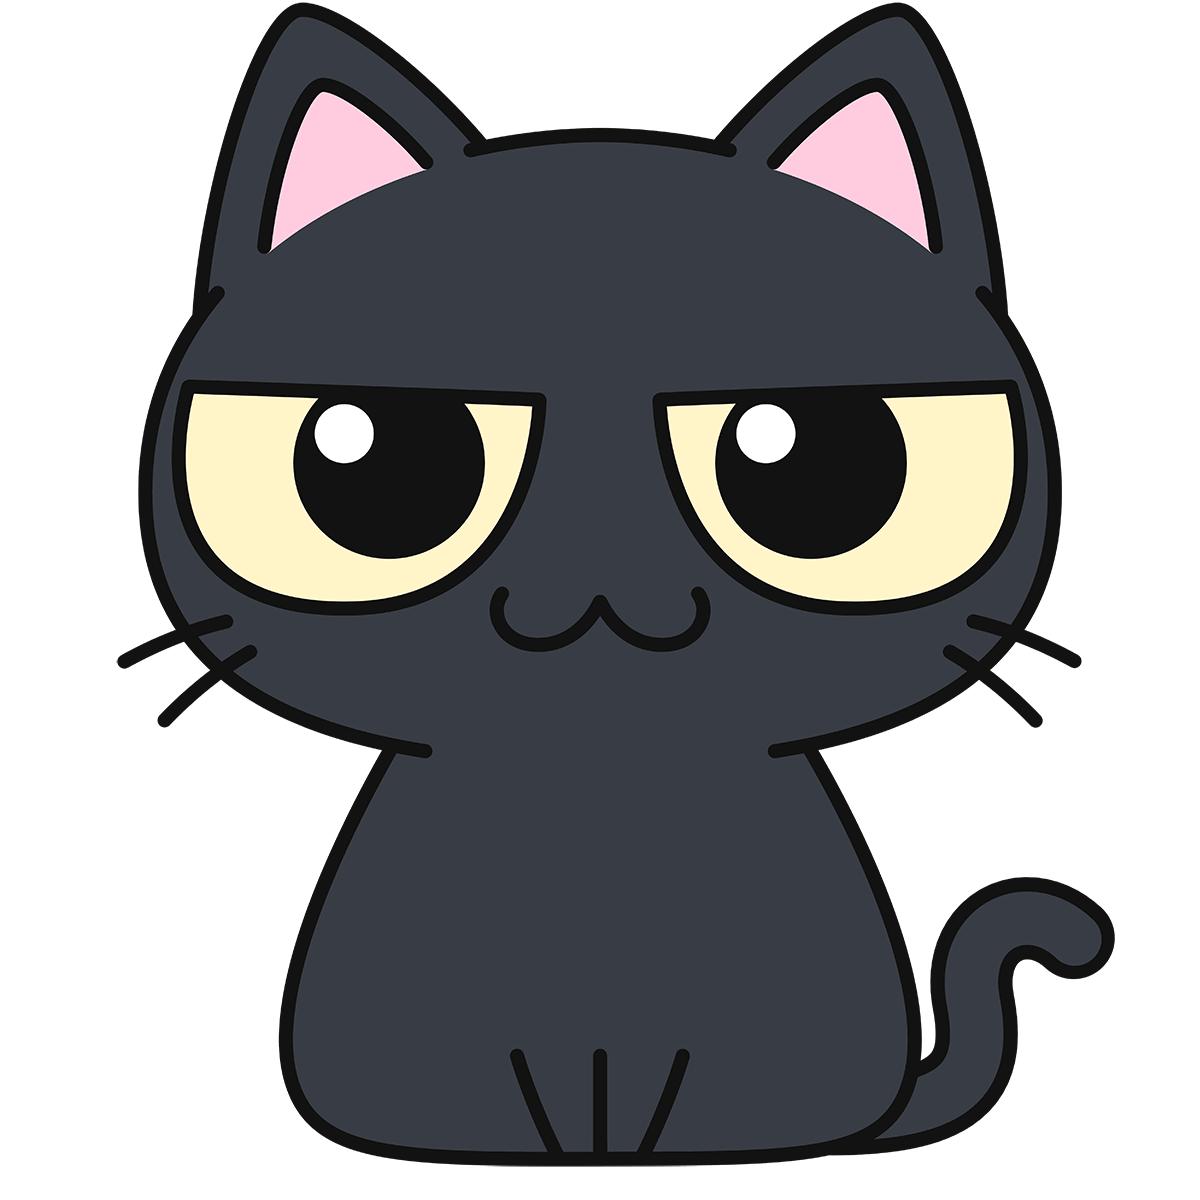 黒猫の無料イラスト